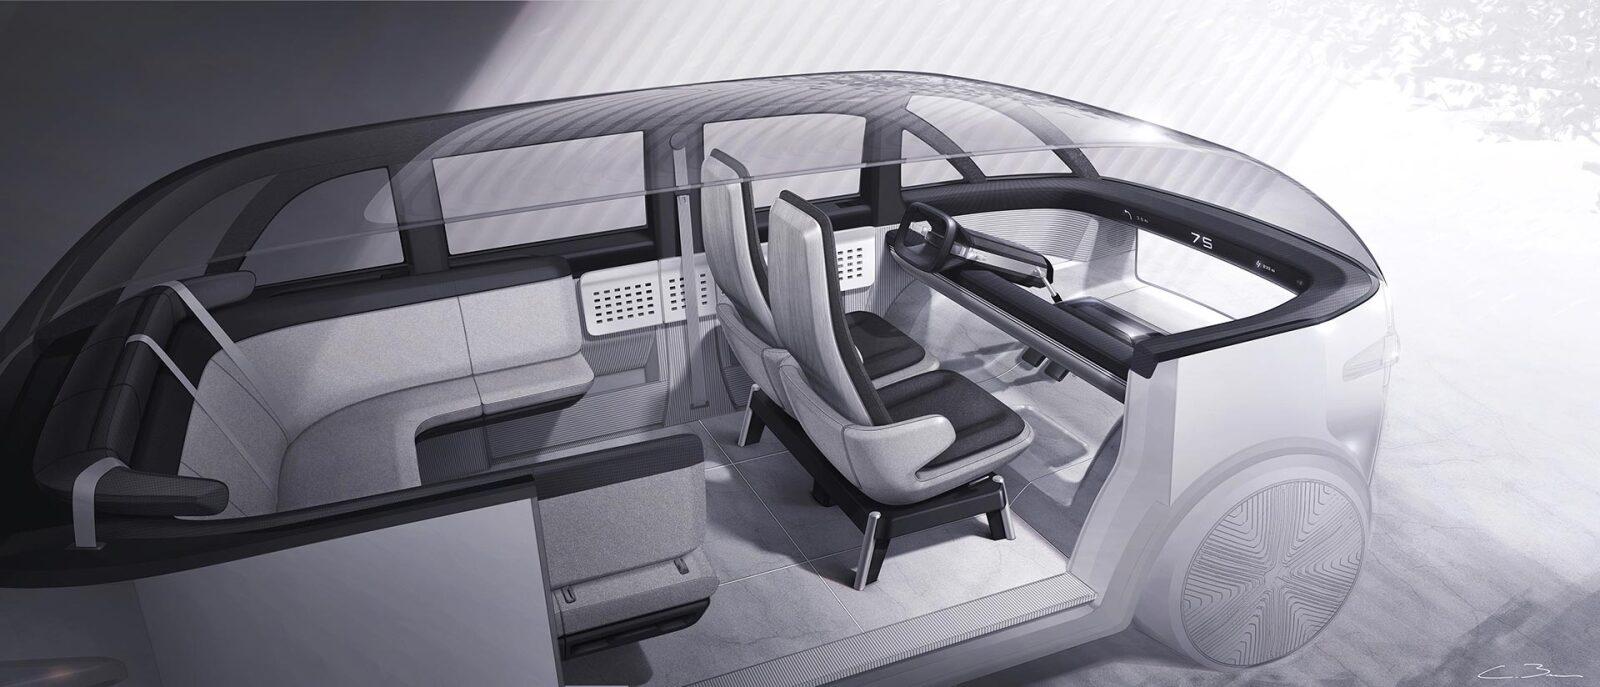 Diseño interior del vehículo desarrollado por Canoo